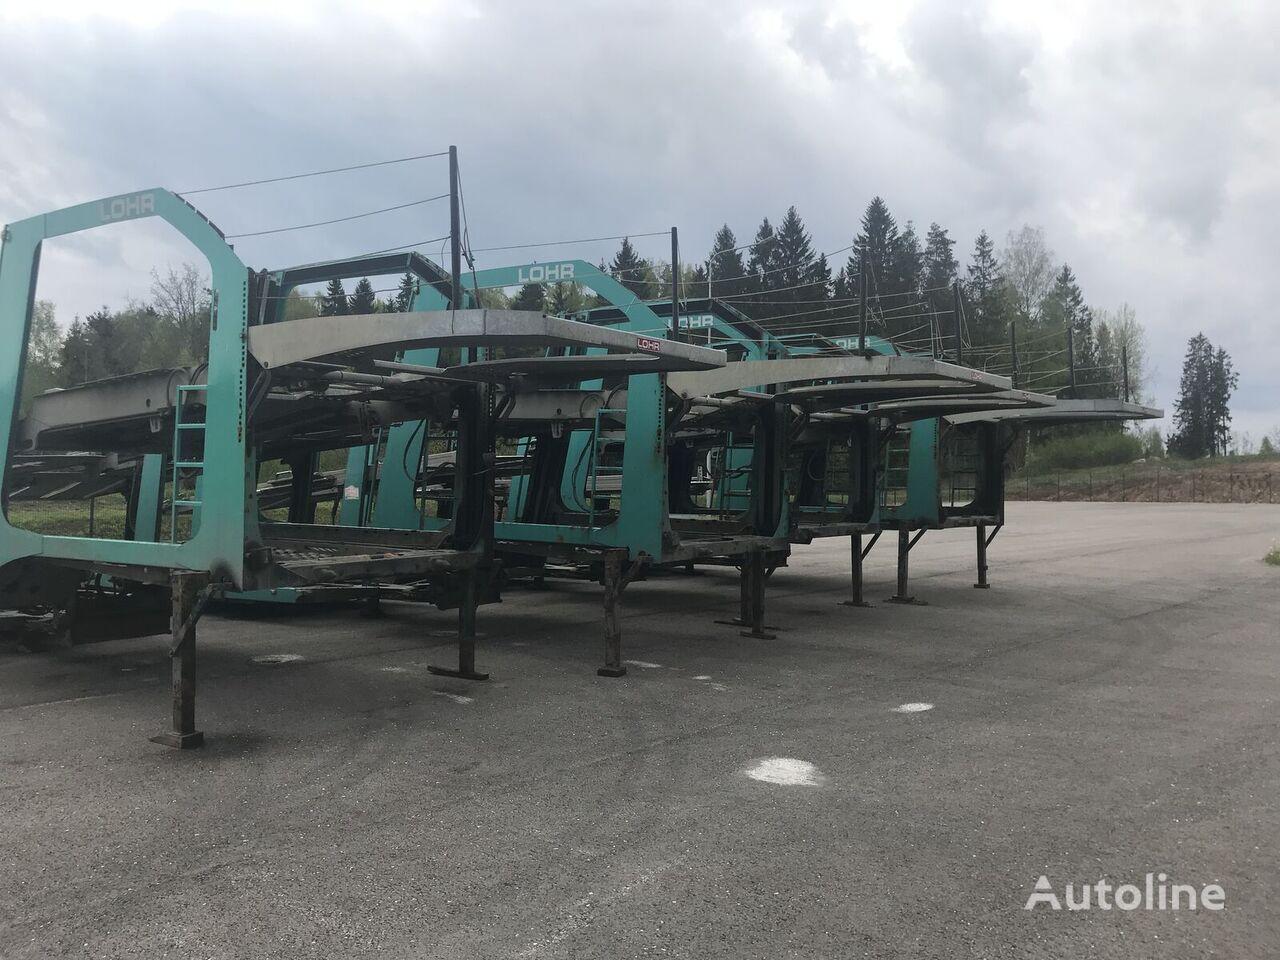 náves na prevoz automobilov LOHR Eurolohr 1.21